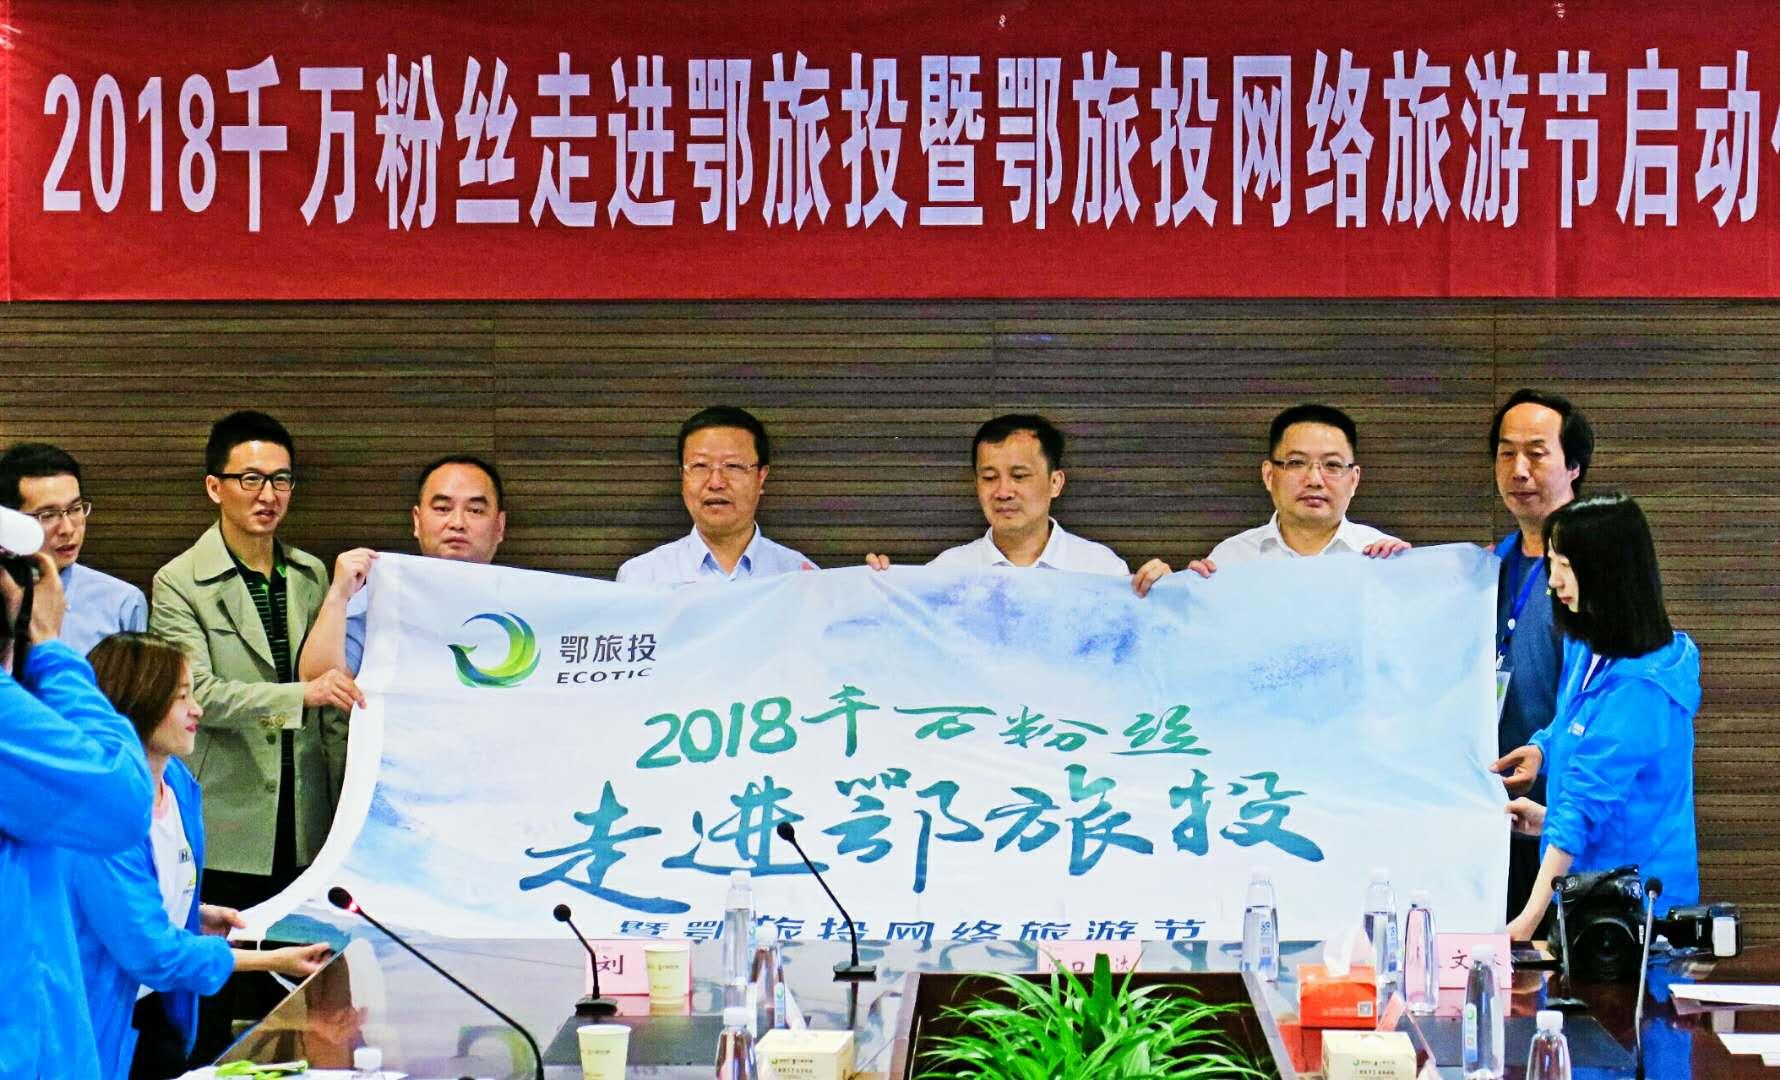 2018千万粉丝走进鄂旅投在汉启动 同步开启在线旅游惠民月